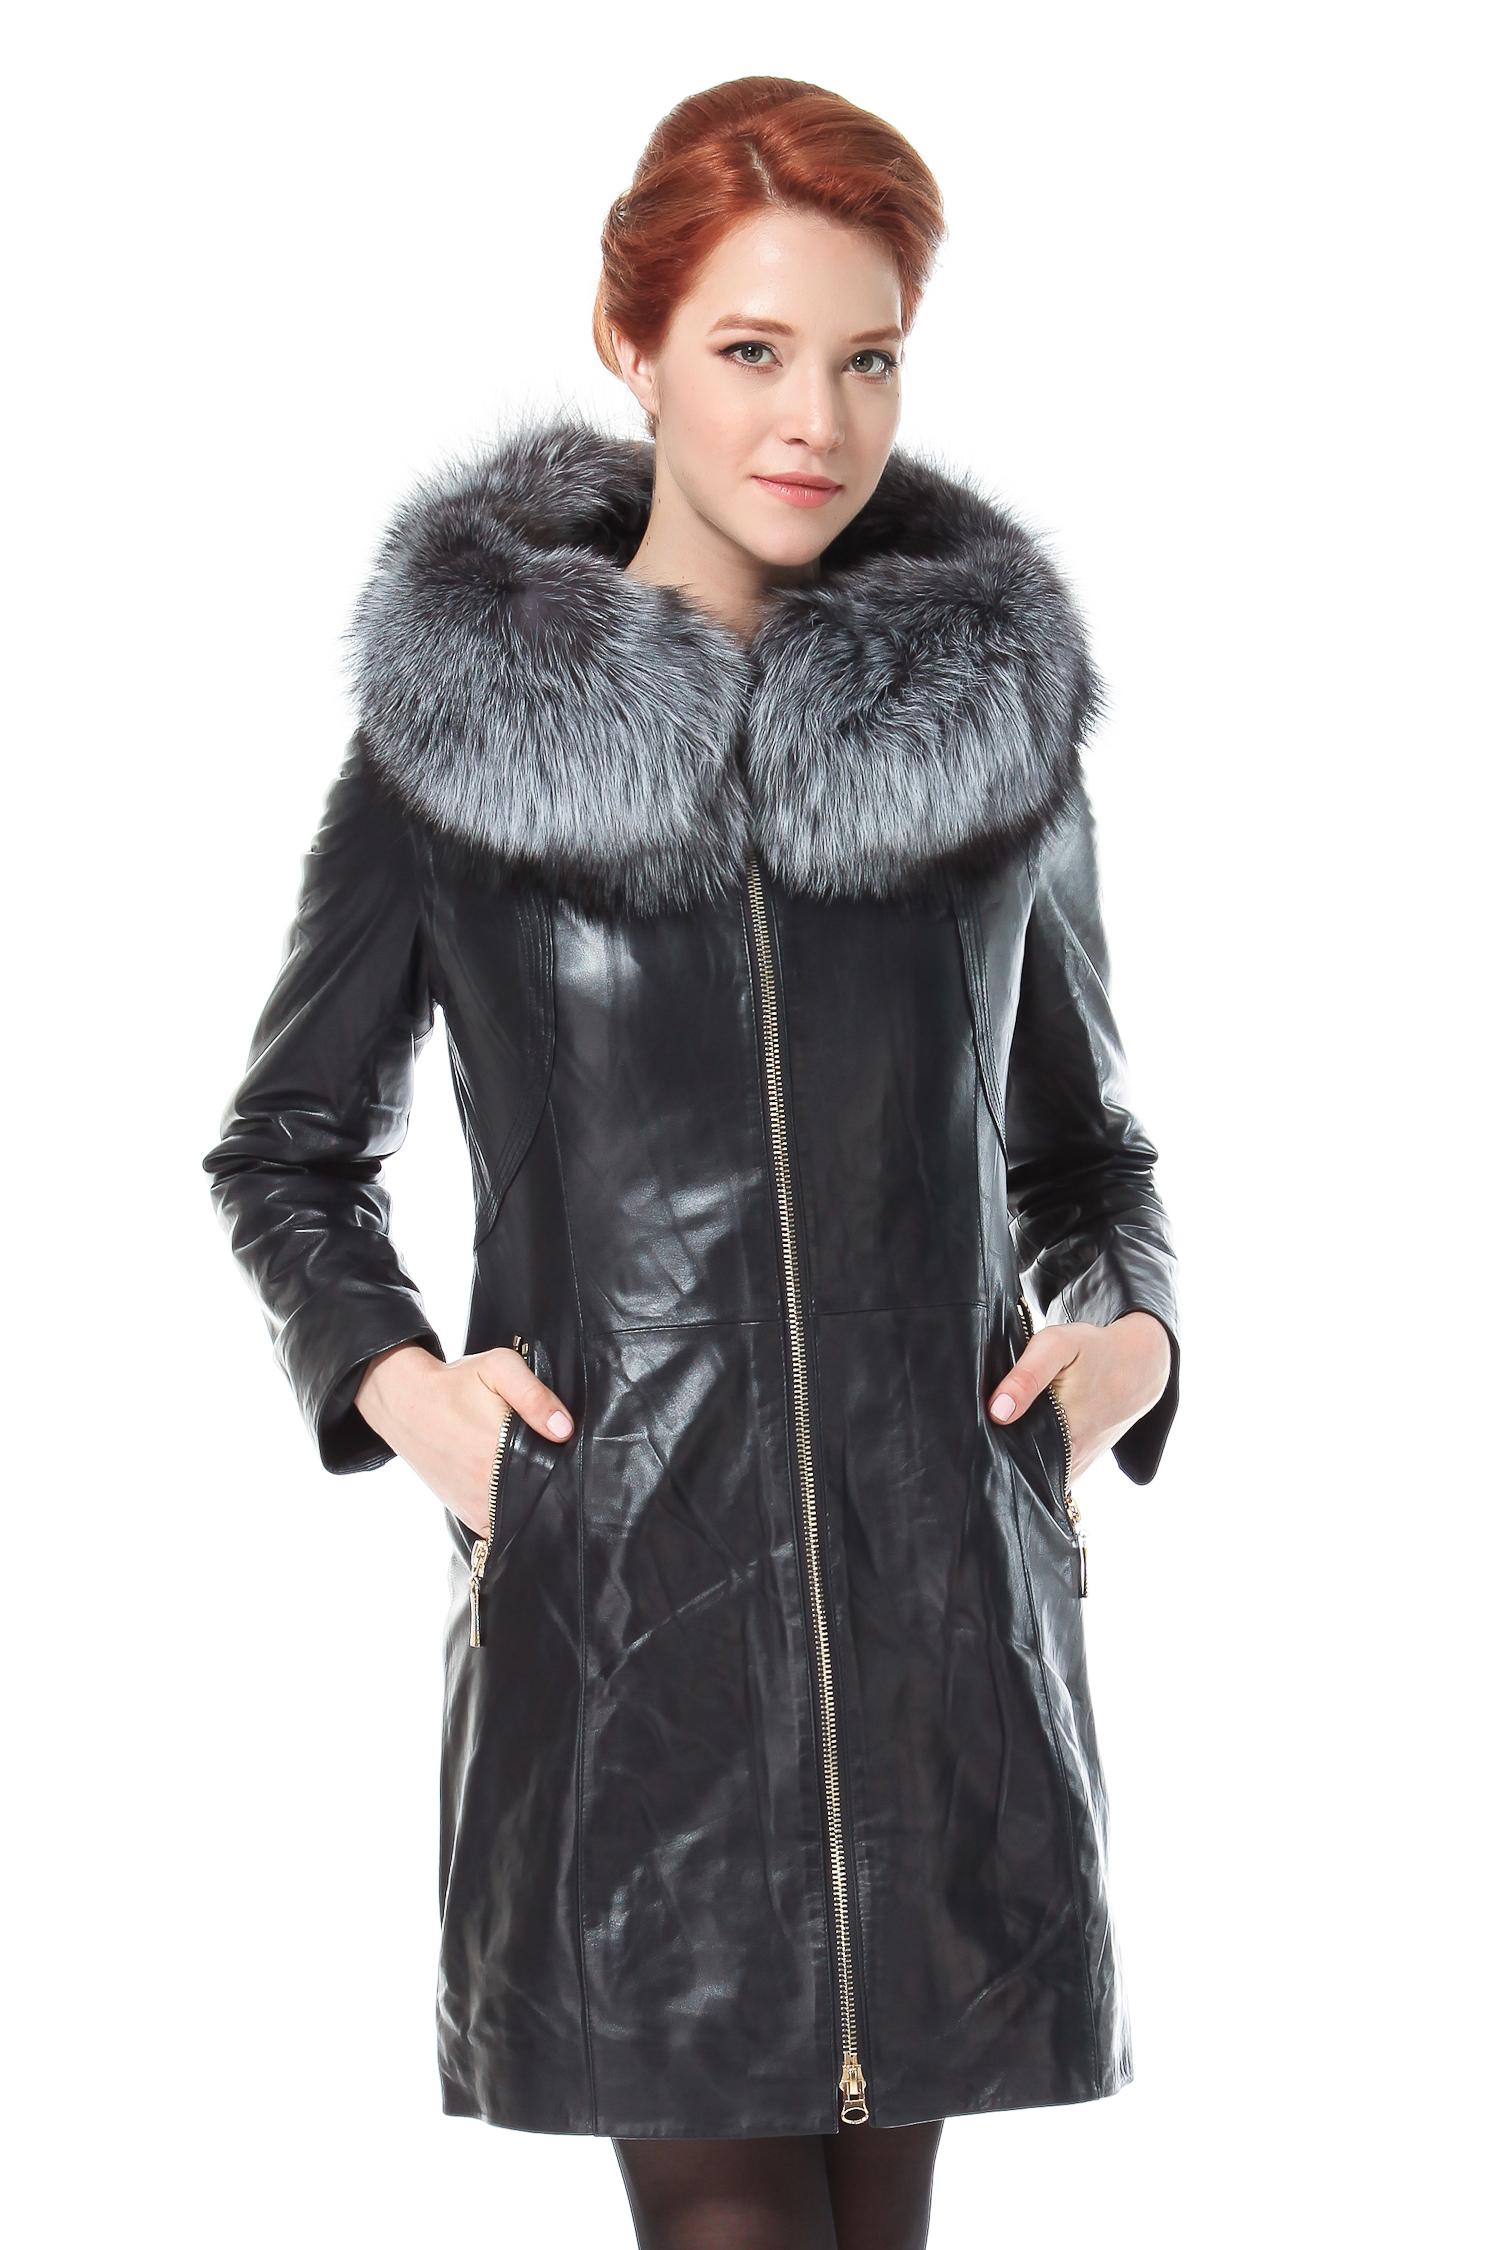 Женское кожаное пальто из натуральной кожи с капюшоном, отделка чернобурка